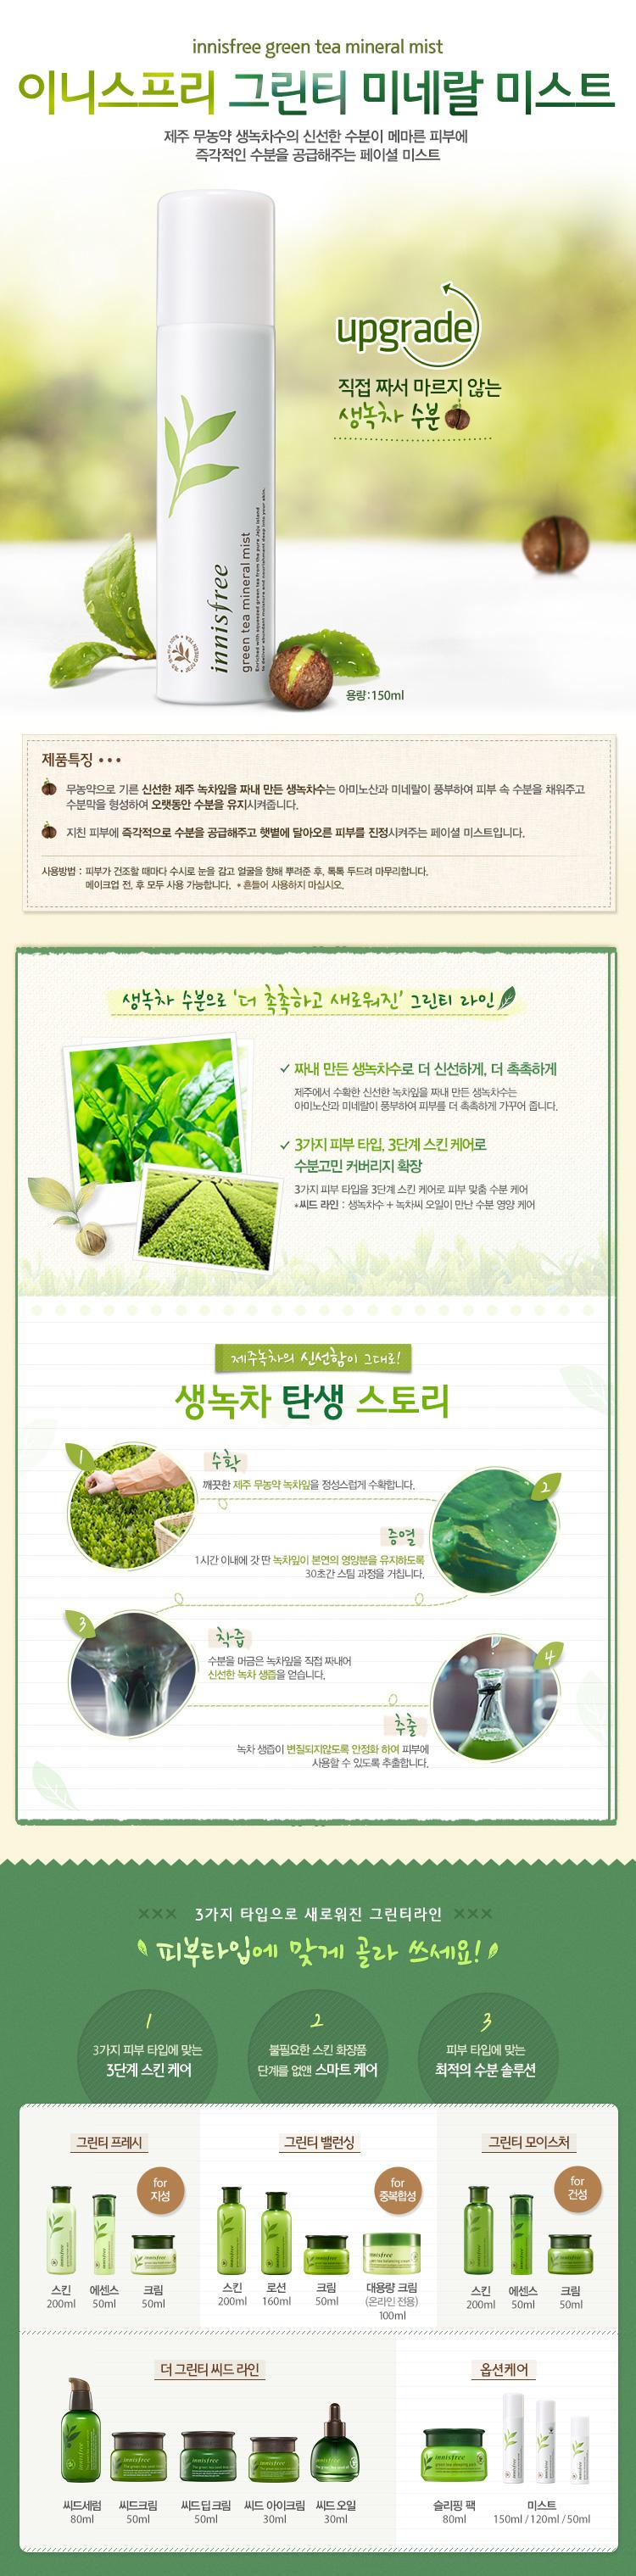 xit-khoang-xit-khoang-tra-xanh-innisfree-green-tea-mineral-mist-150ml-han-quoc-2337